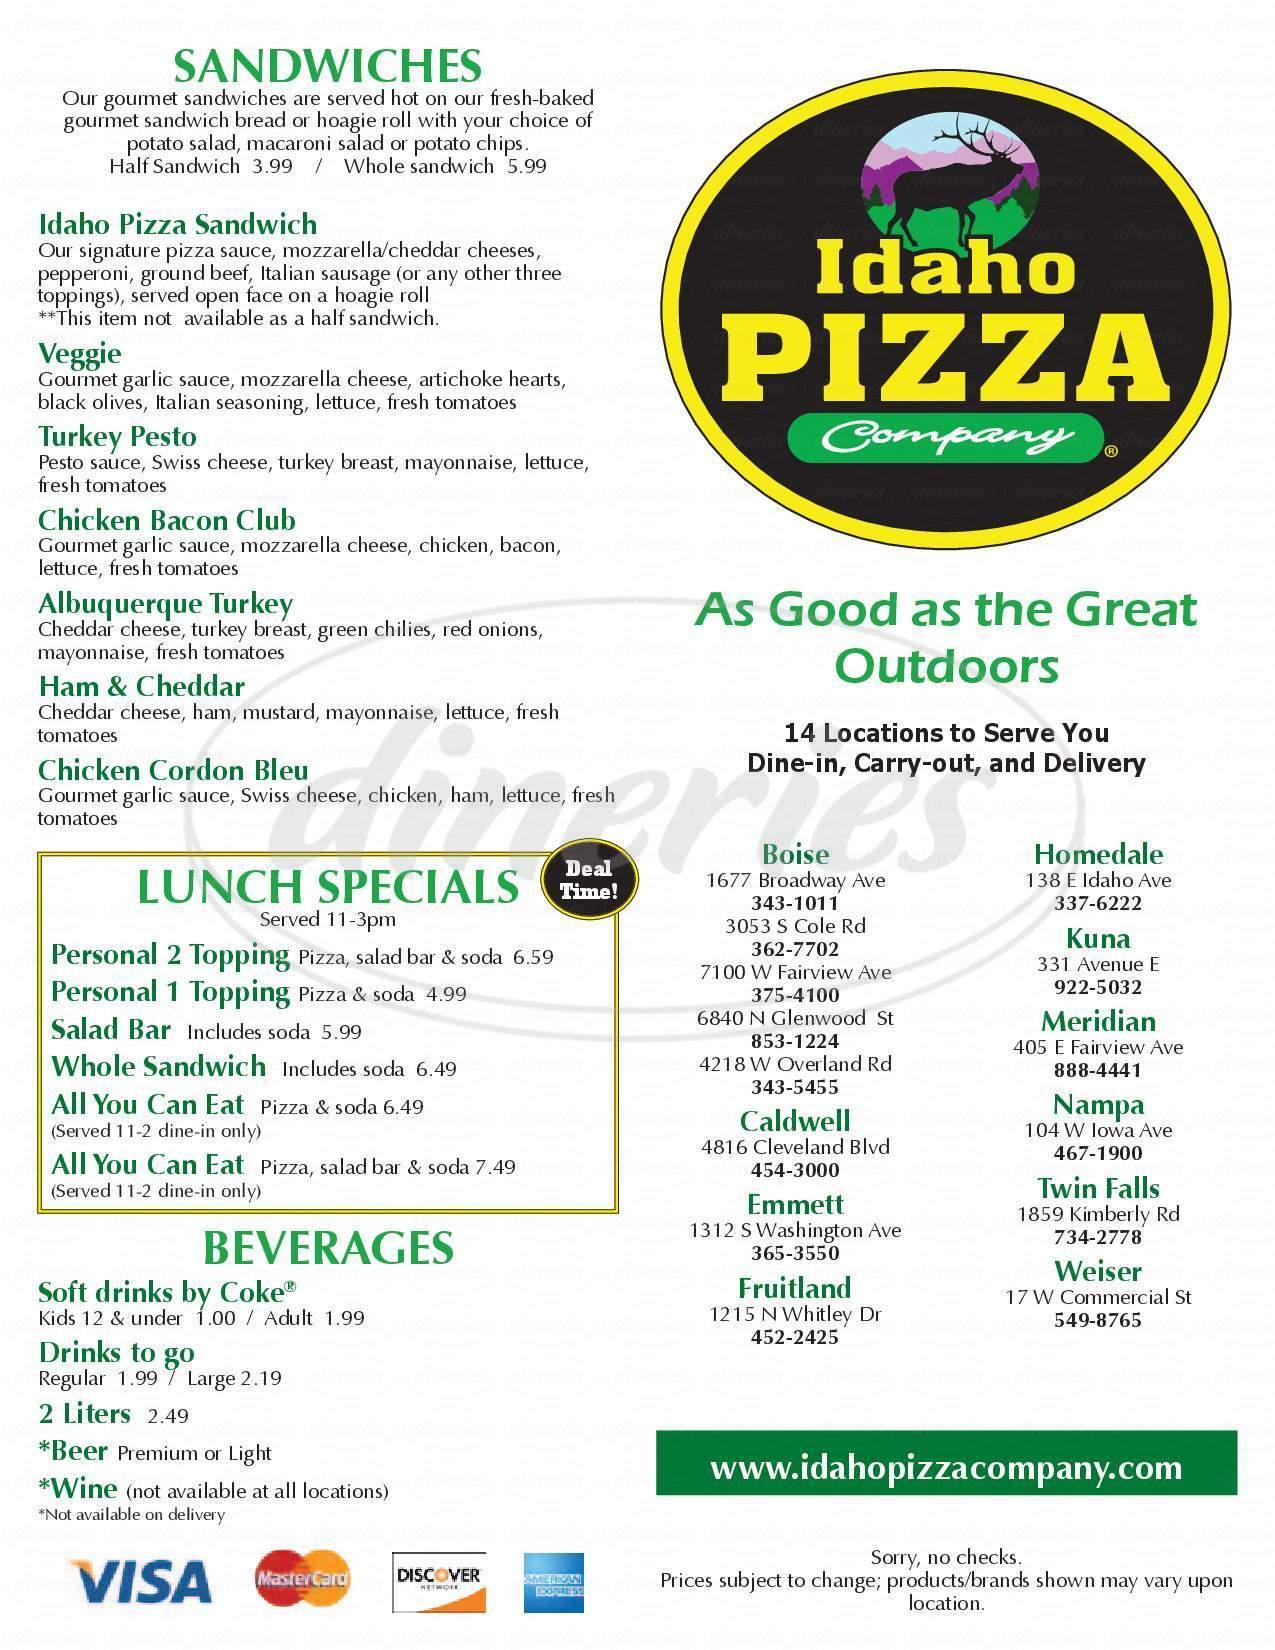 menu for Idaho Pizza Company